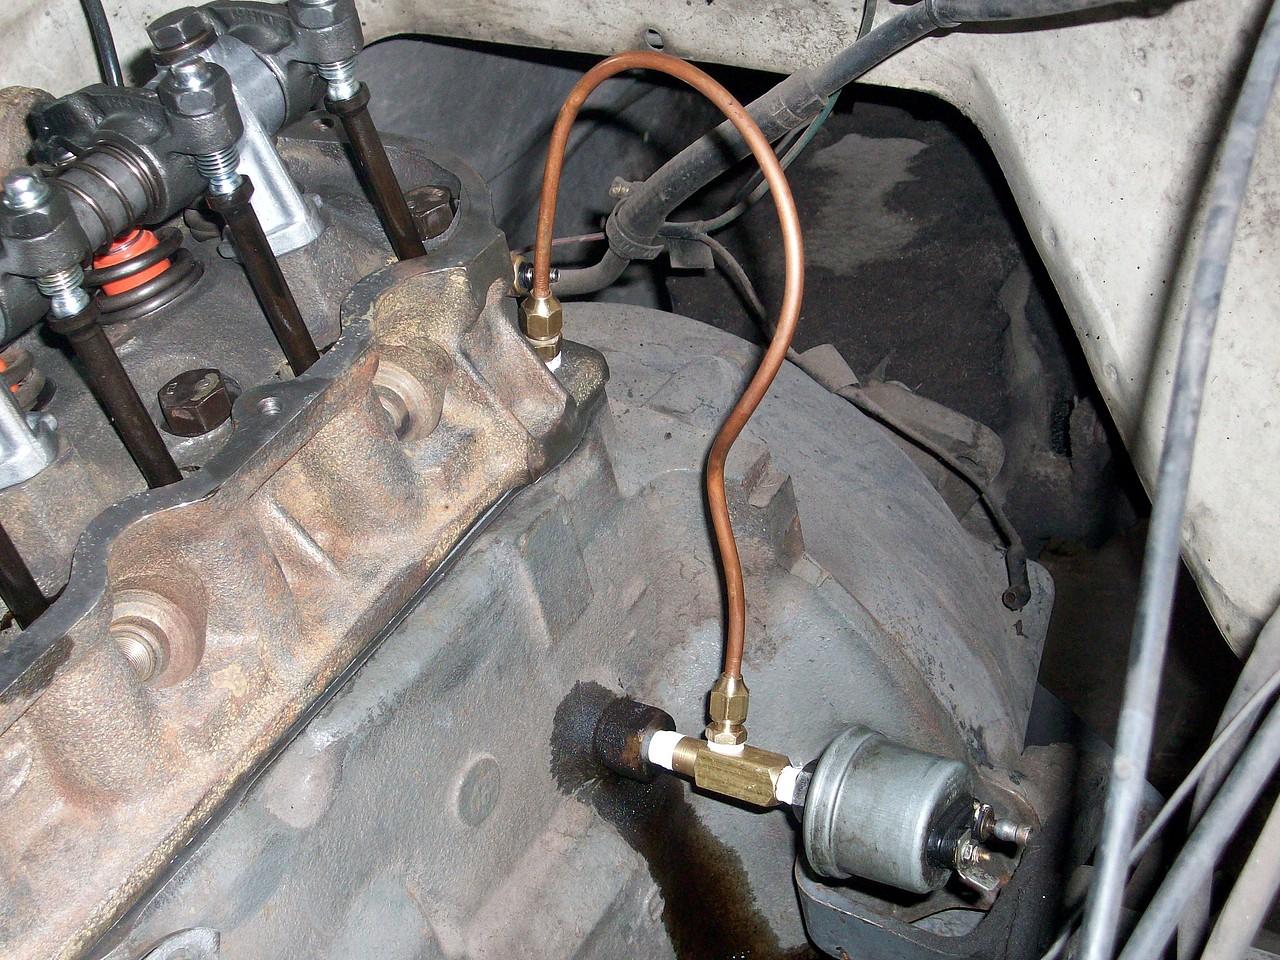 Venas de lubricacion del motor tapadas